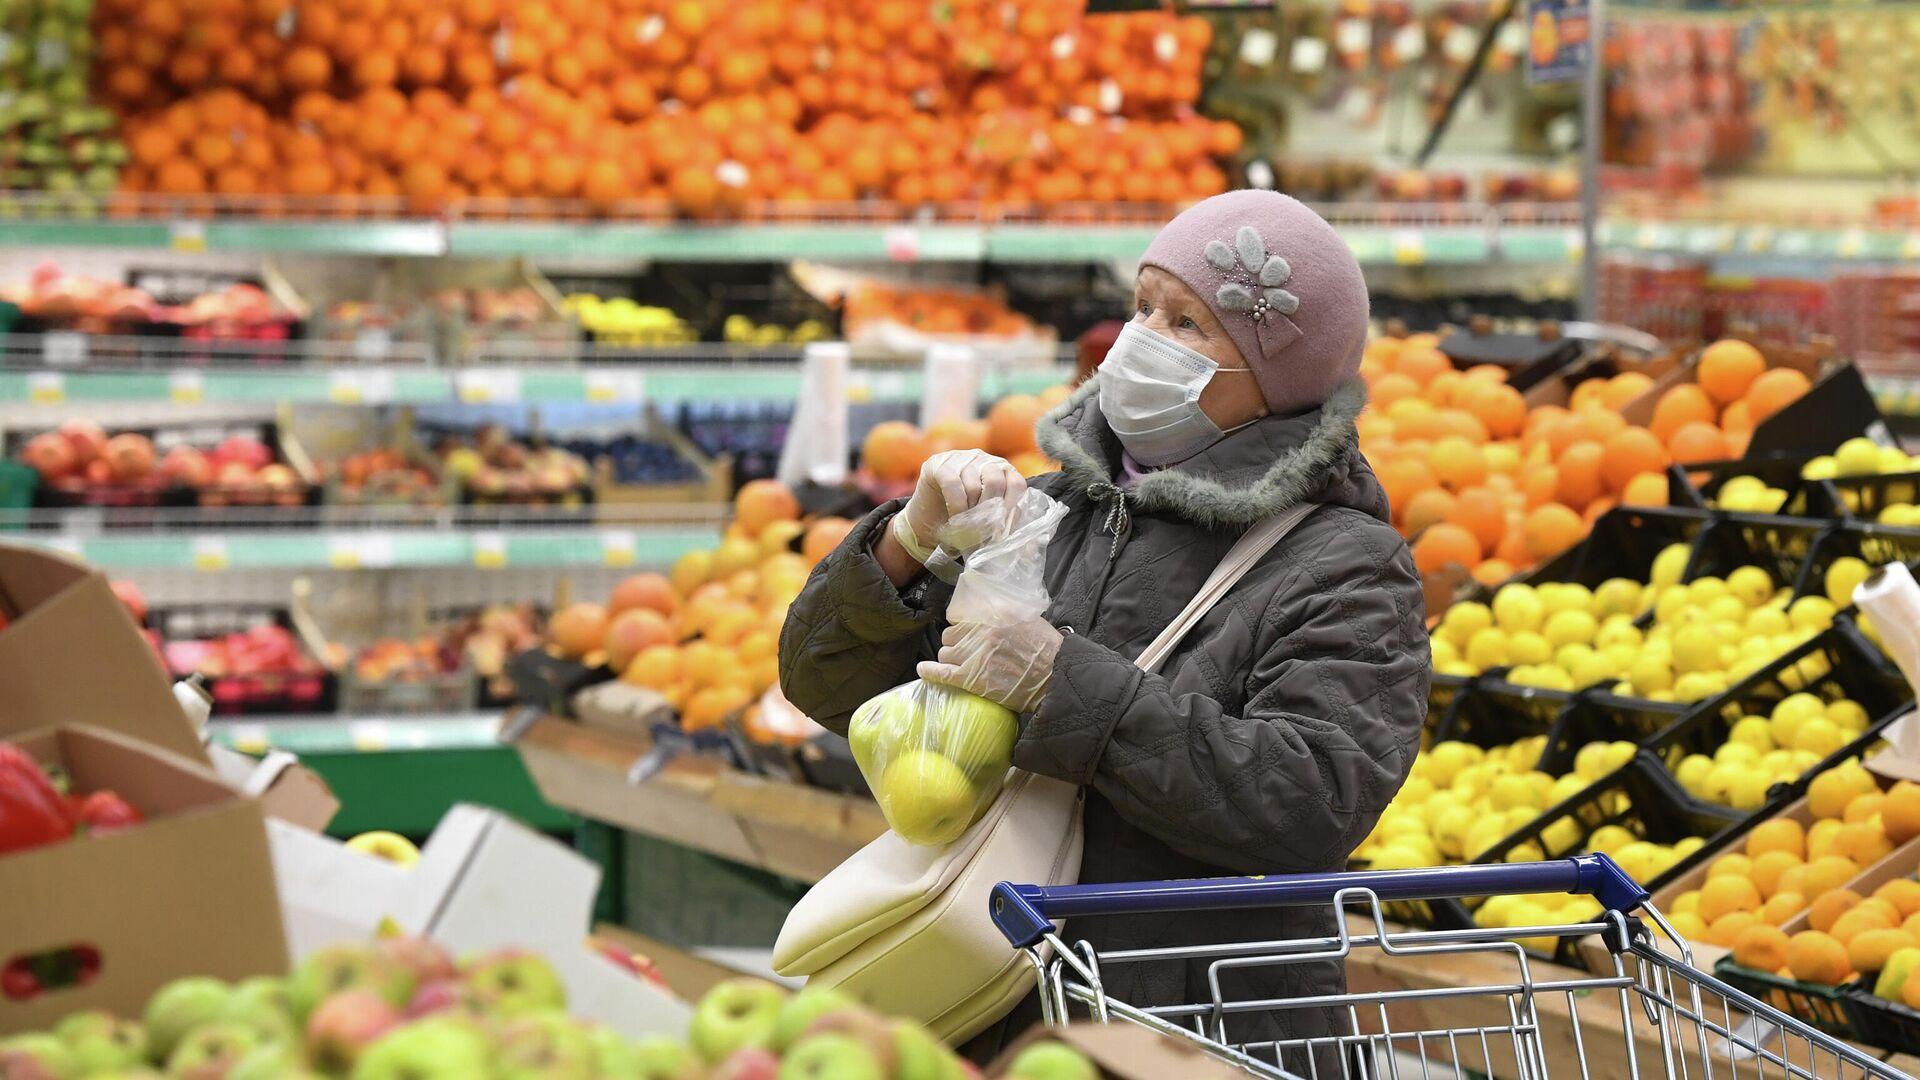 Покупательница в гипермаркете - РИА Новости, 1920, 08.03.2021